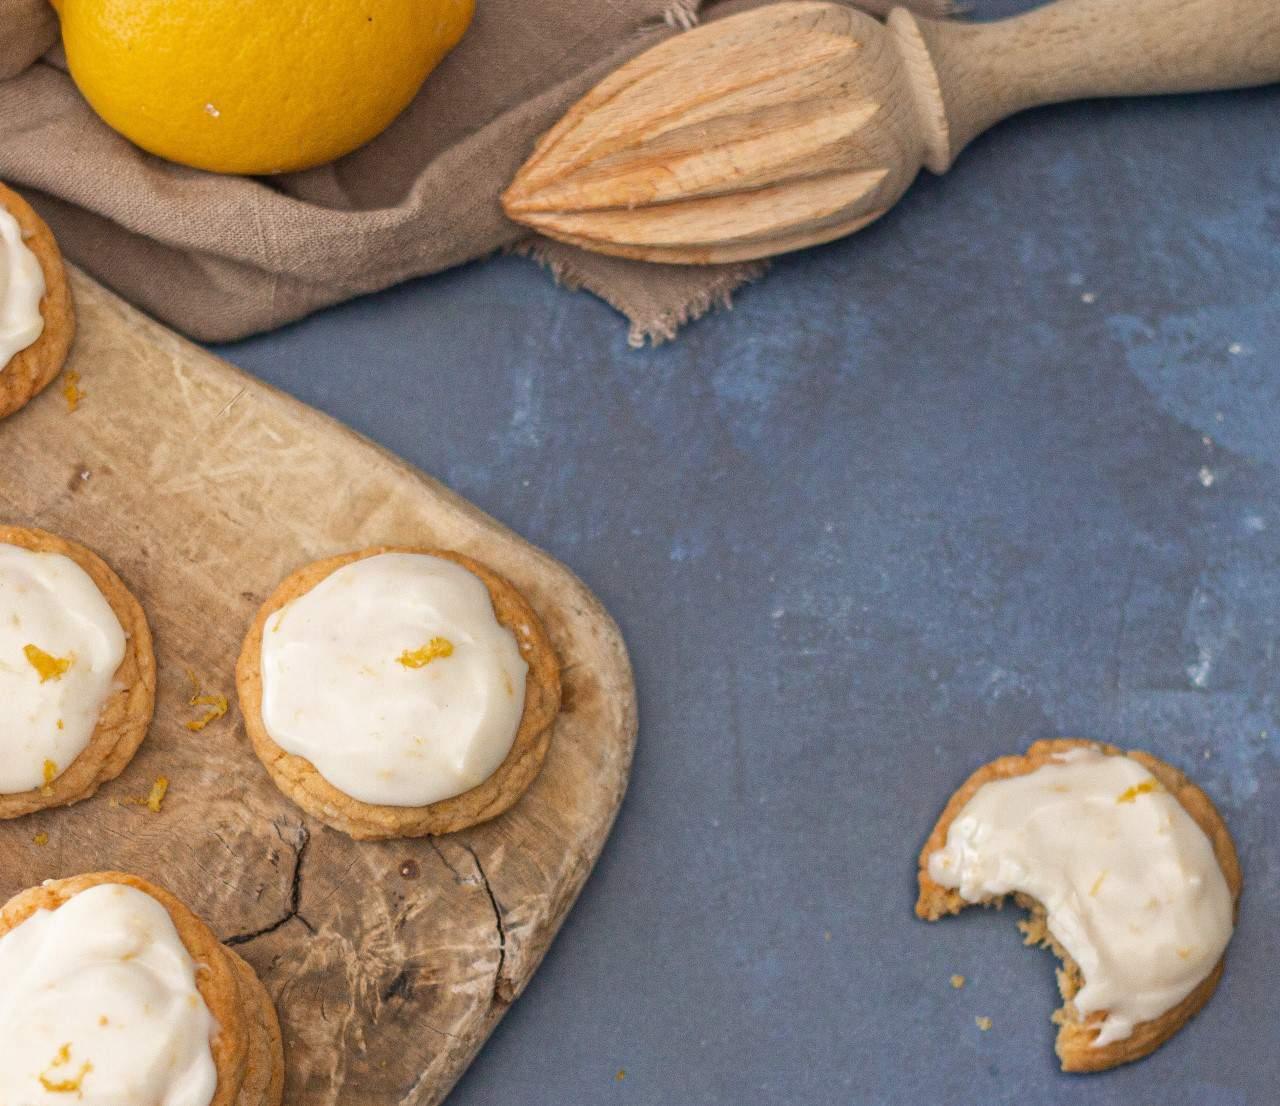 The Easiest Tangiest Vegan Lemon Cookies Ever